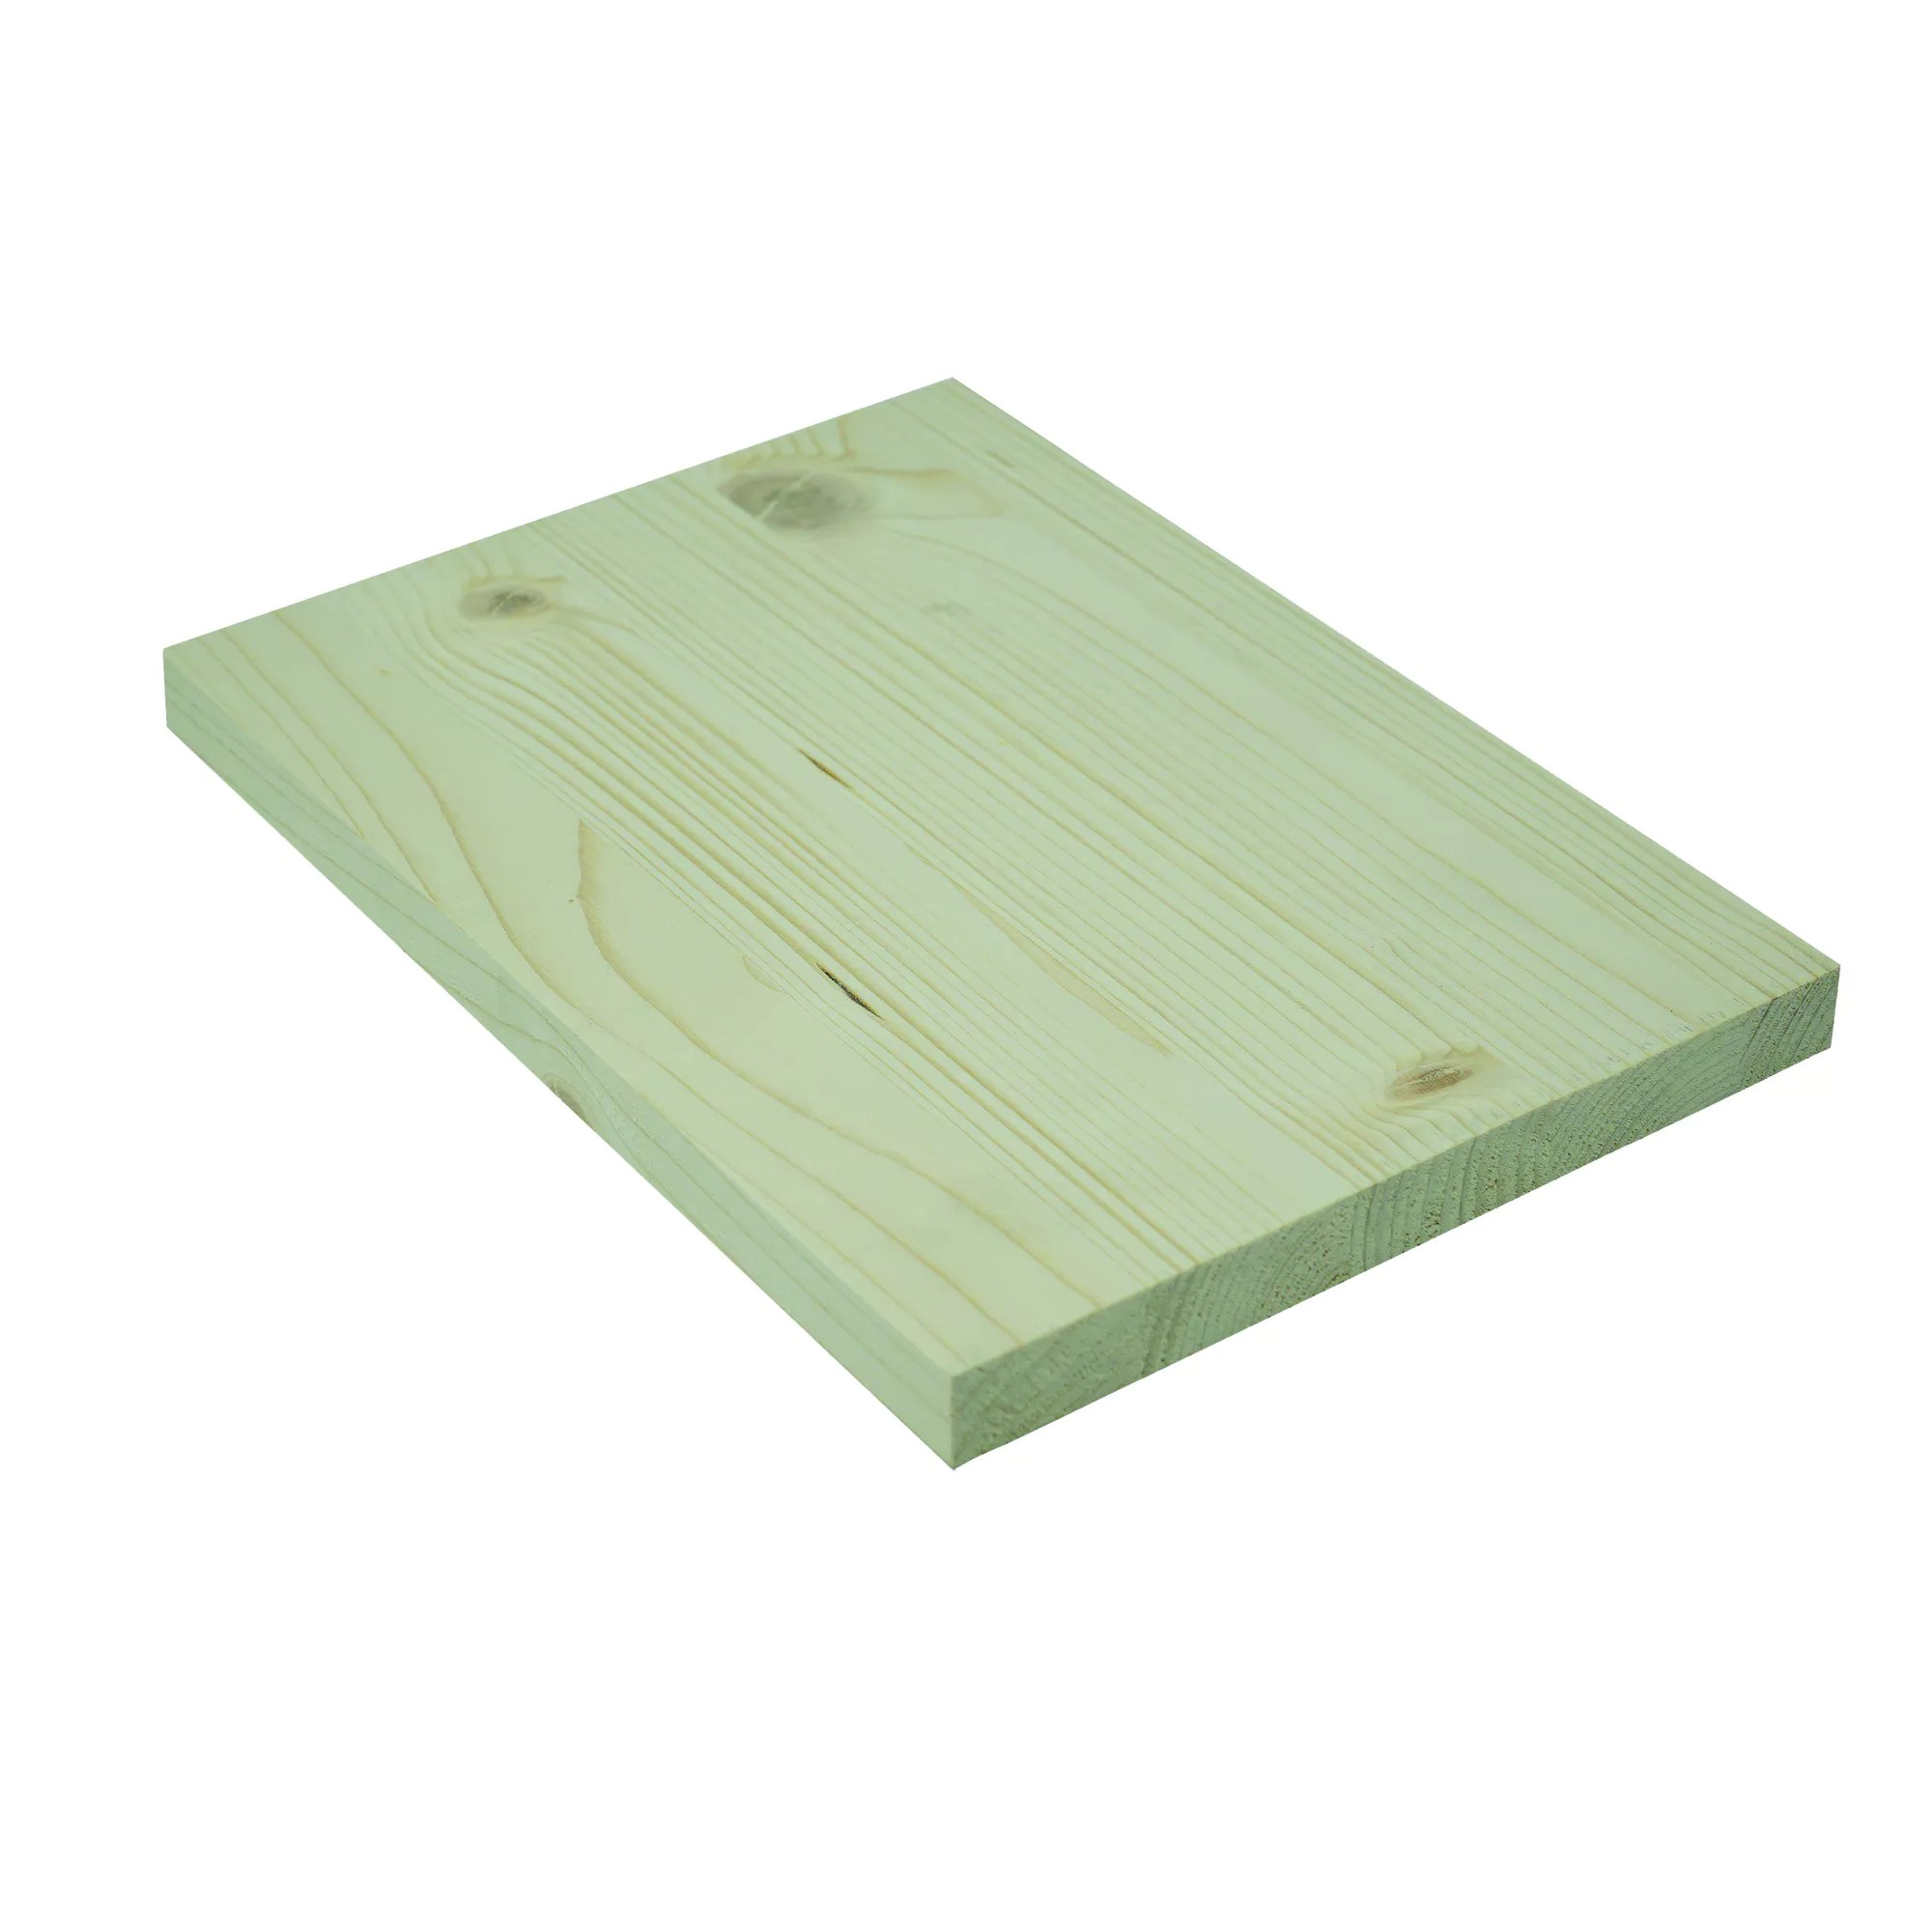 Leimholzplatte Fichte 2500 X 1210 X 18 Mm ǀ Toom Baumarkt